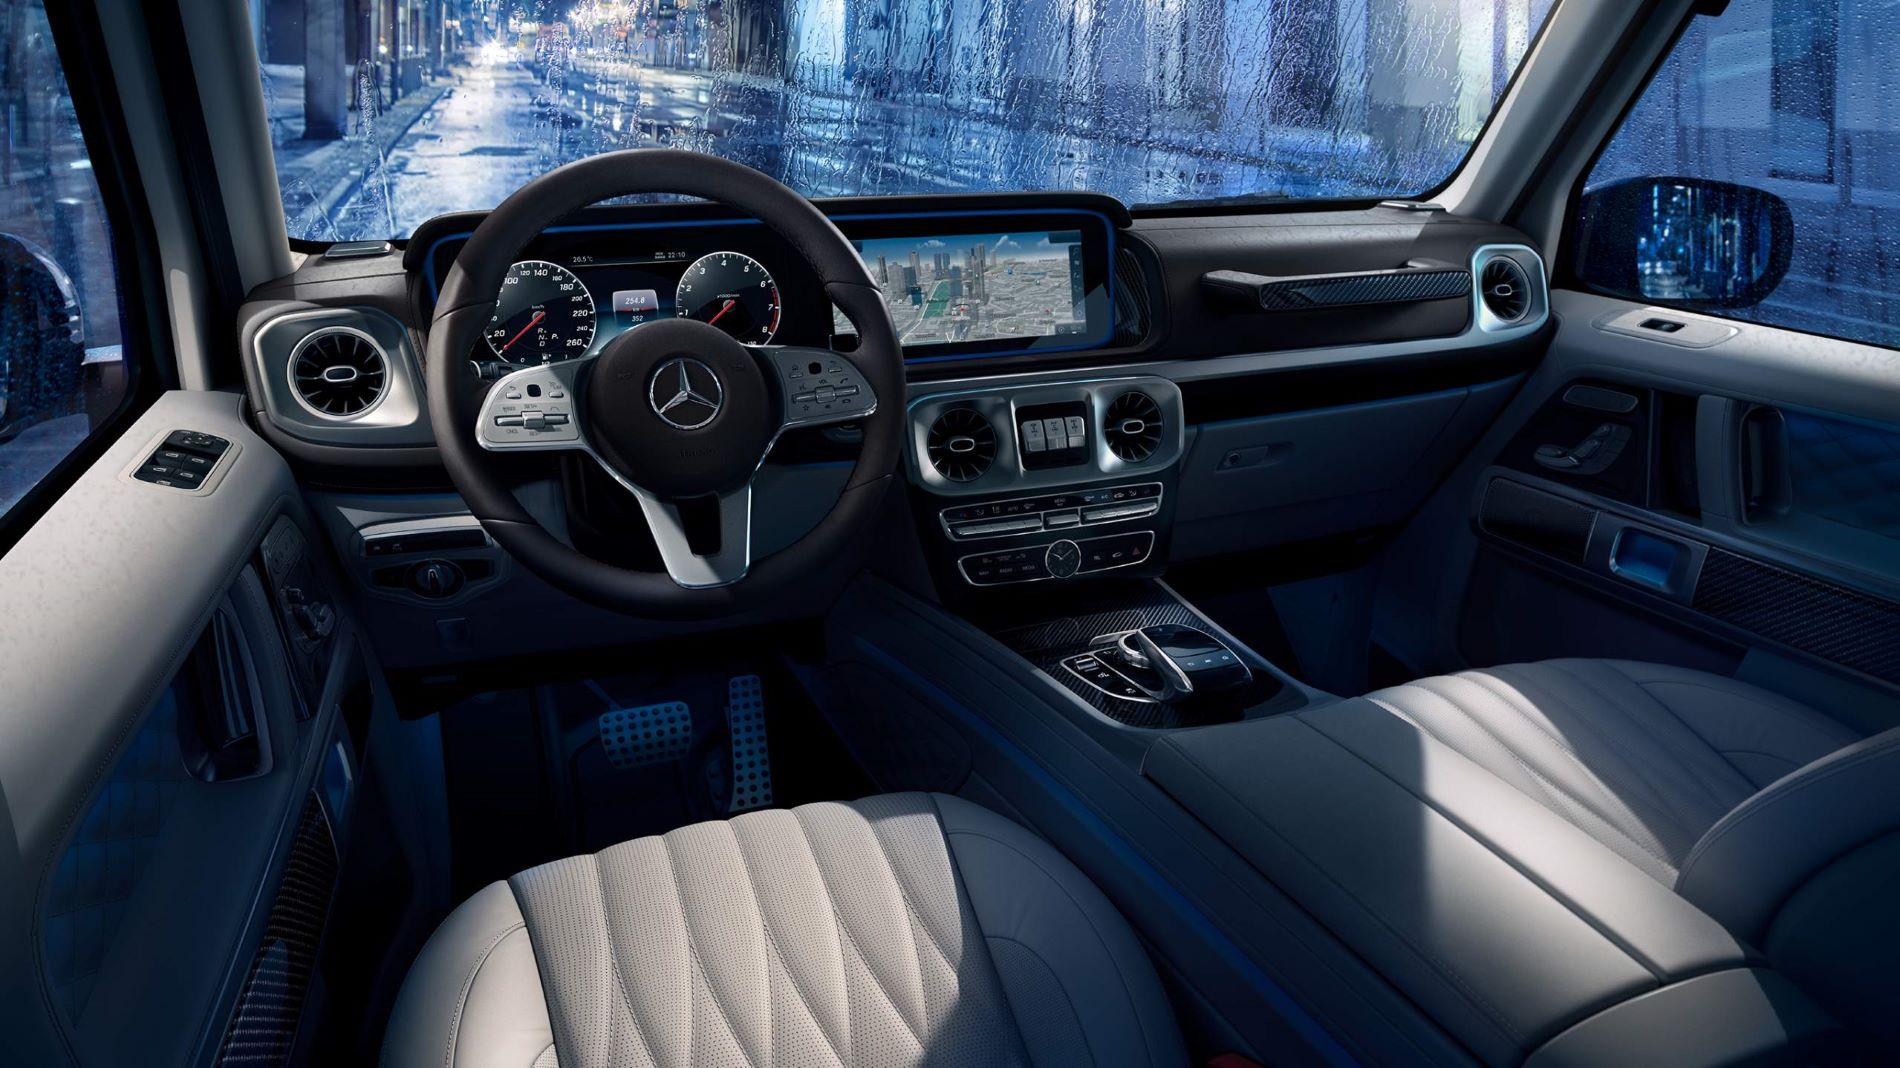 Mercedes Benz G Class Interior